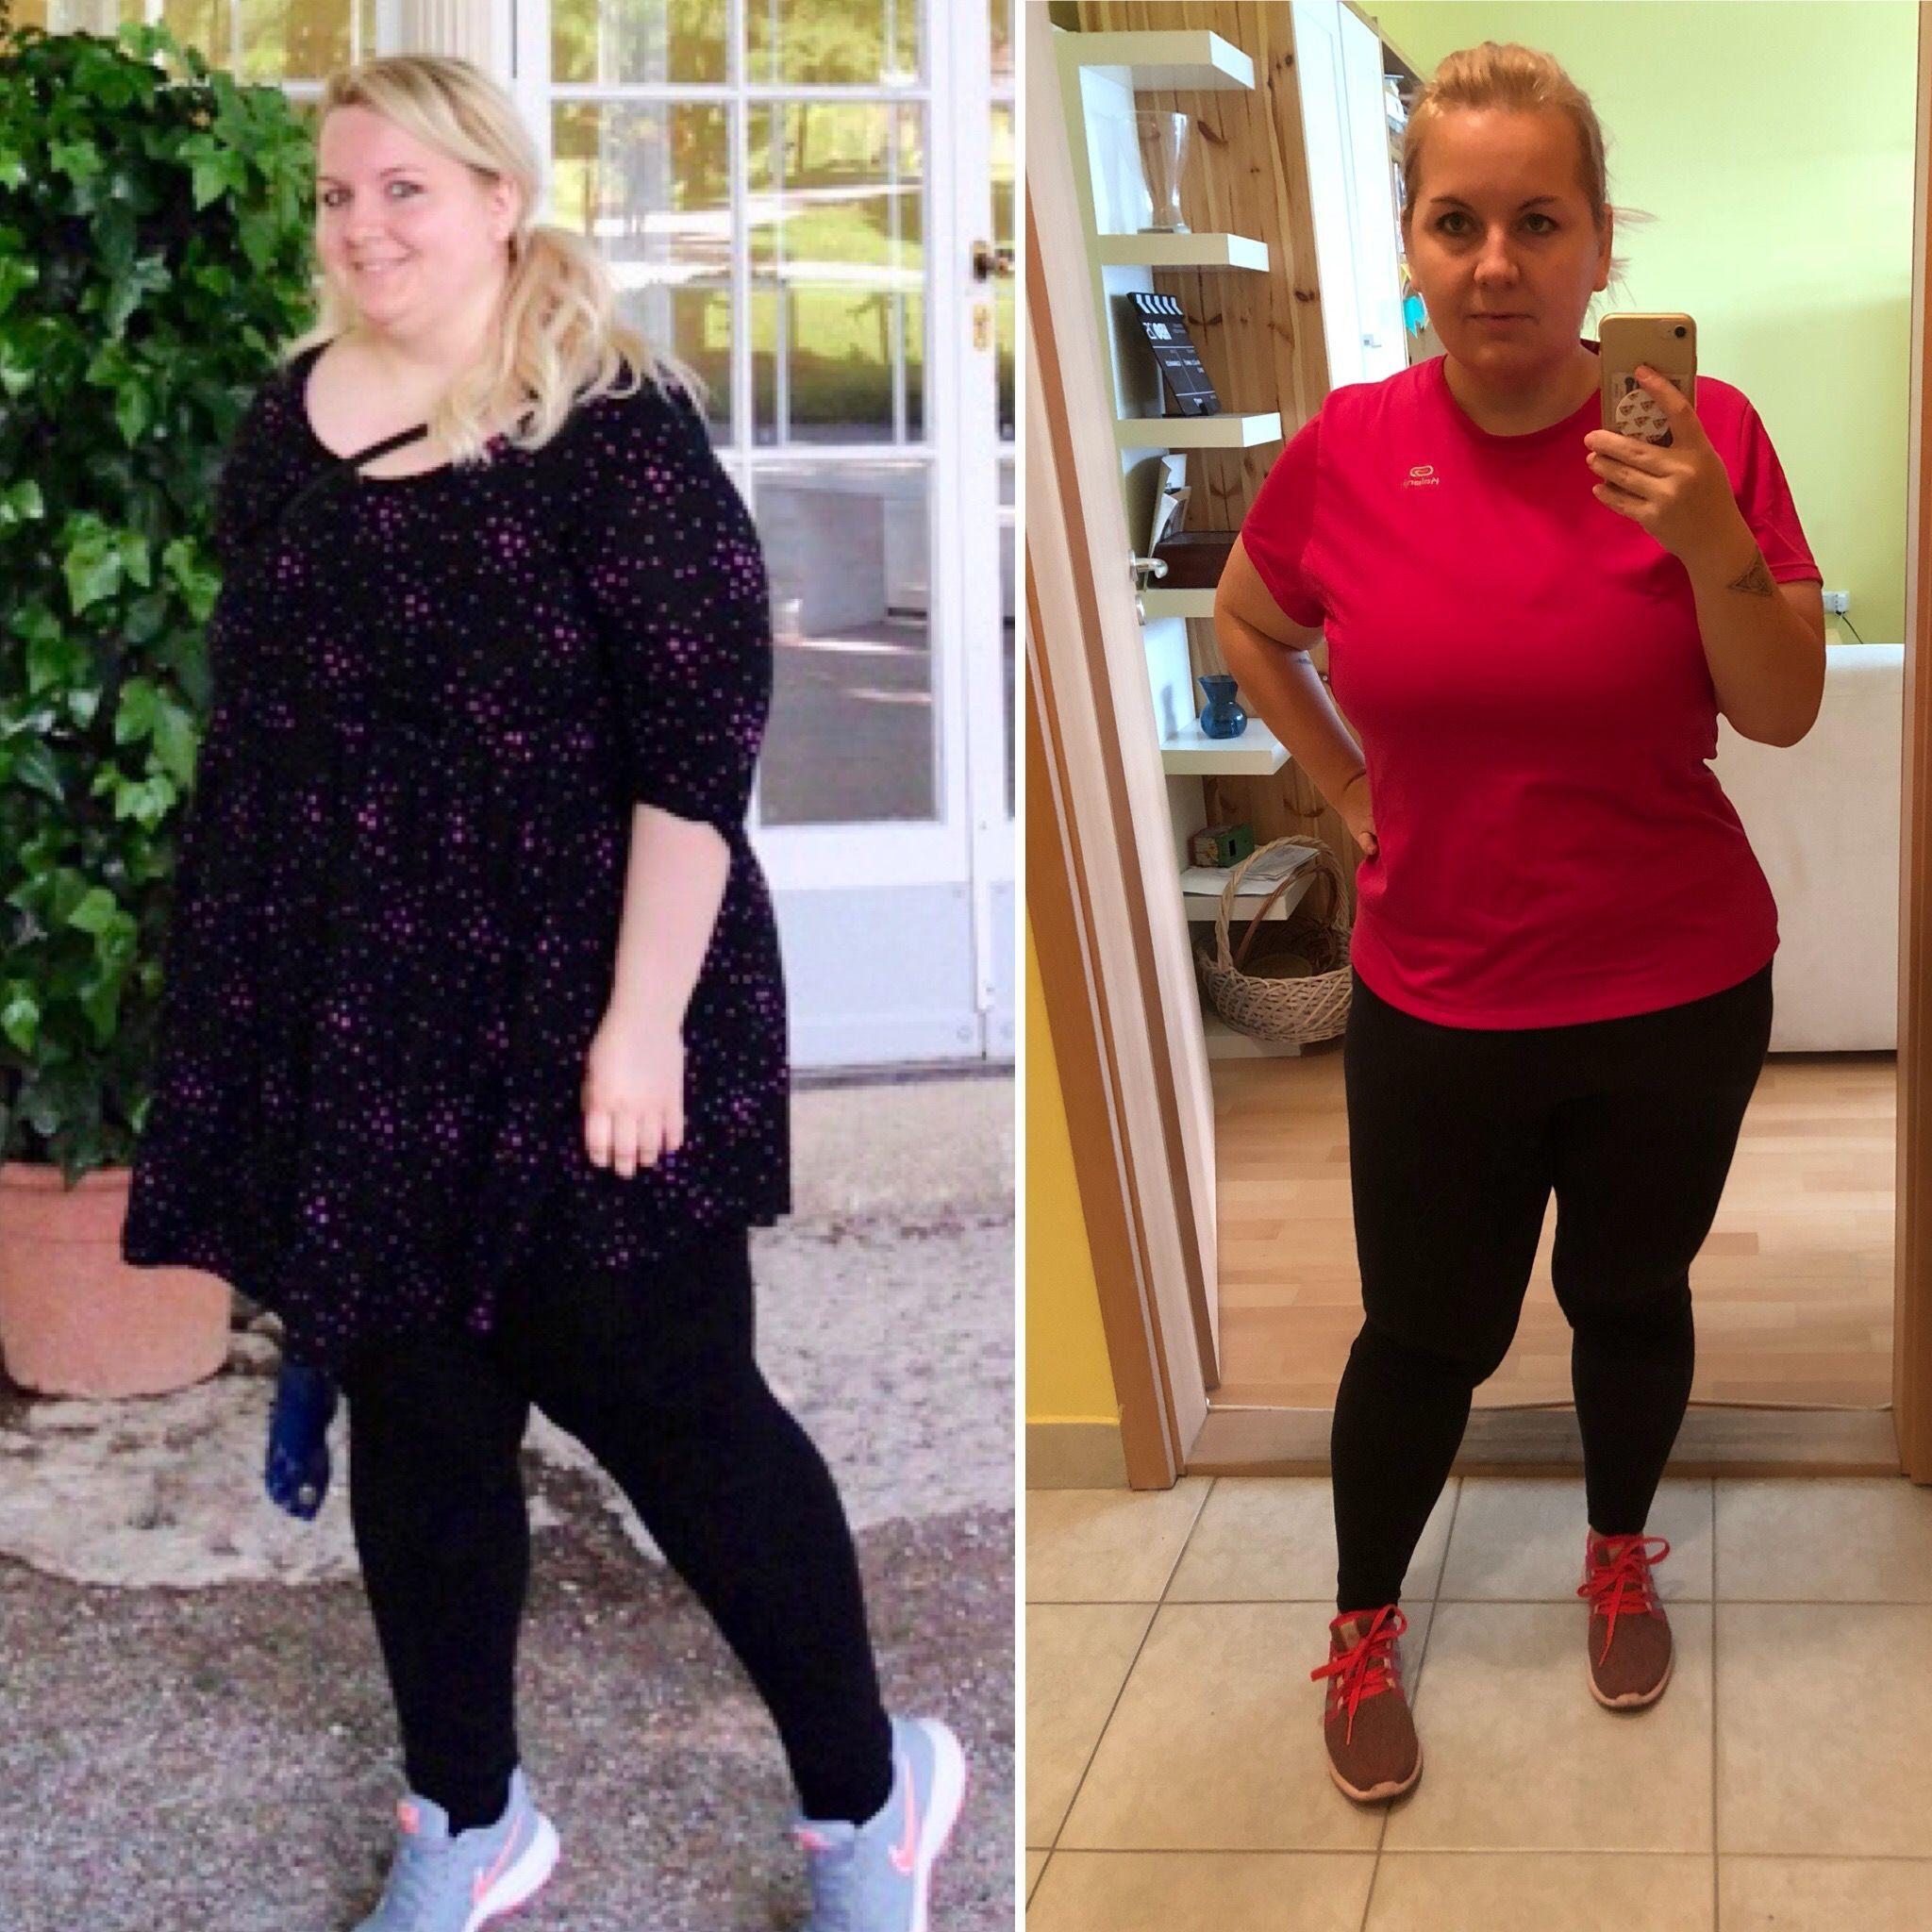 10 kiló mínusz májusra! Extra hatékony zsírégető diéta - Fogyókúra   Femina